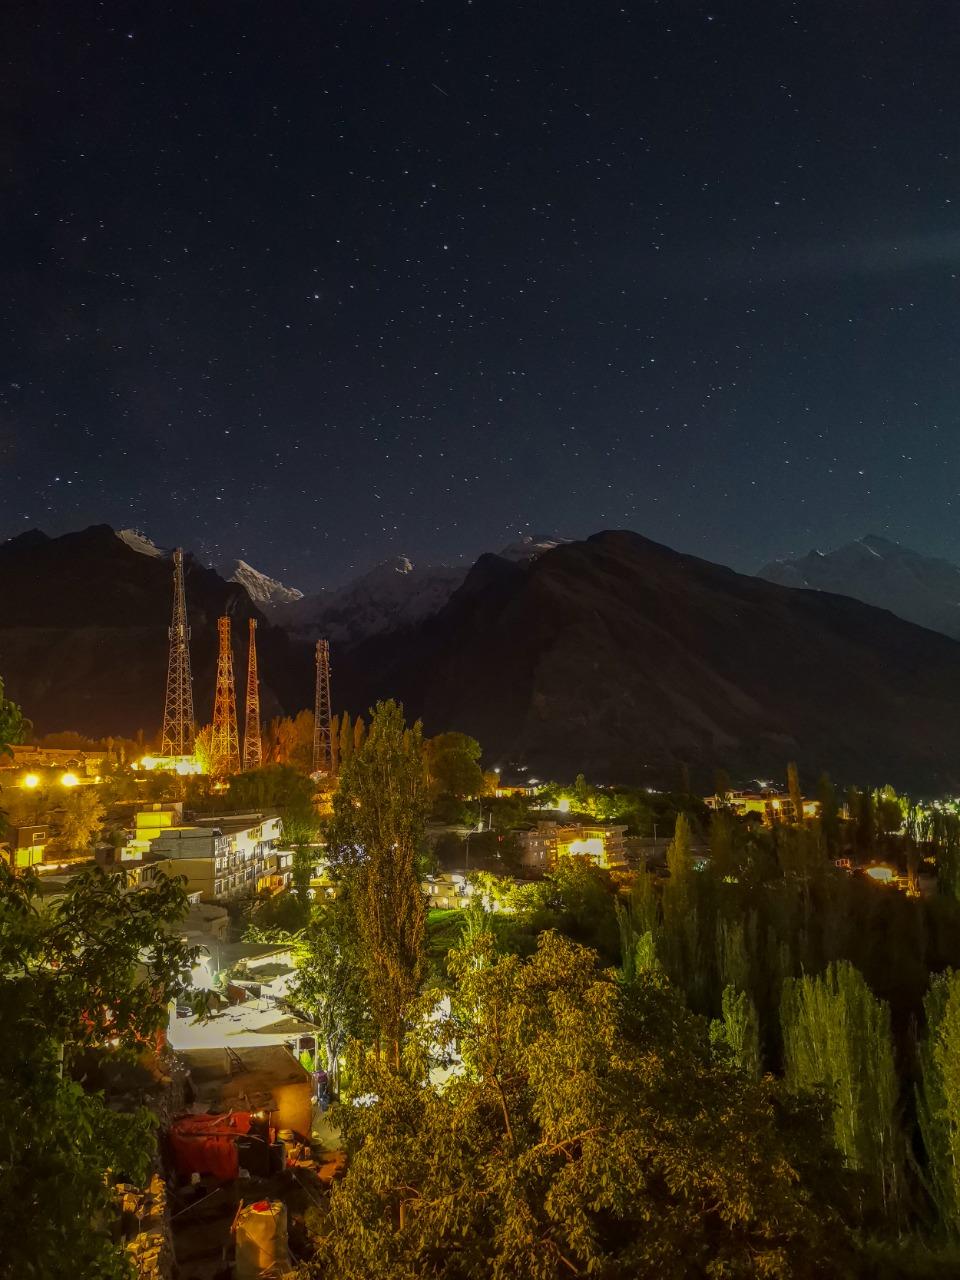 A Night in Hunza